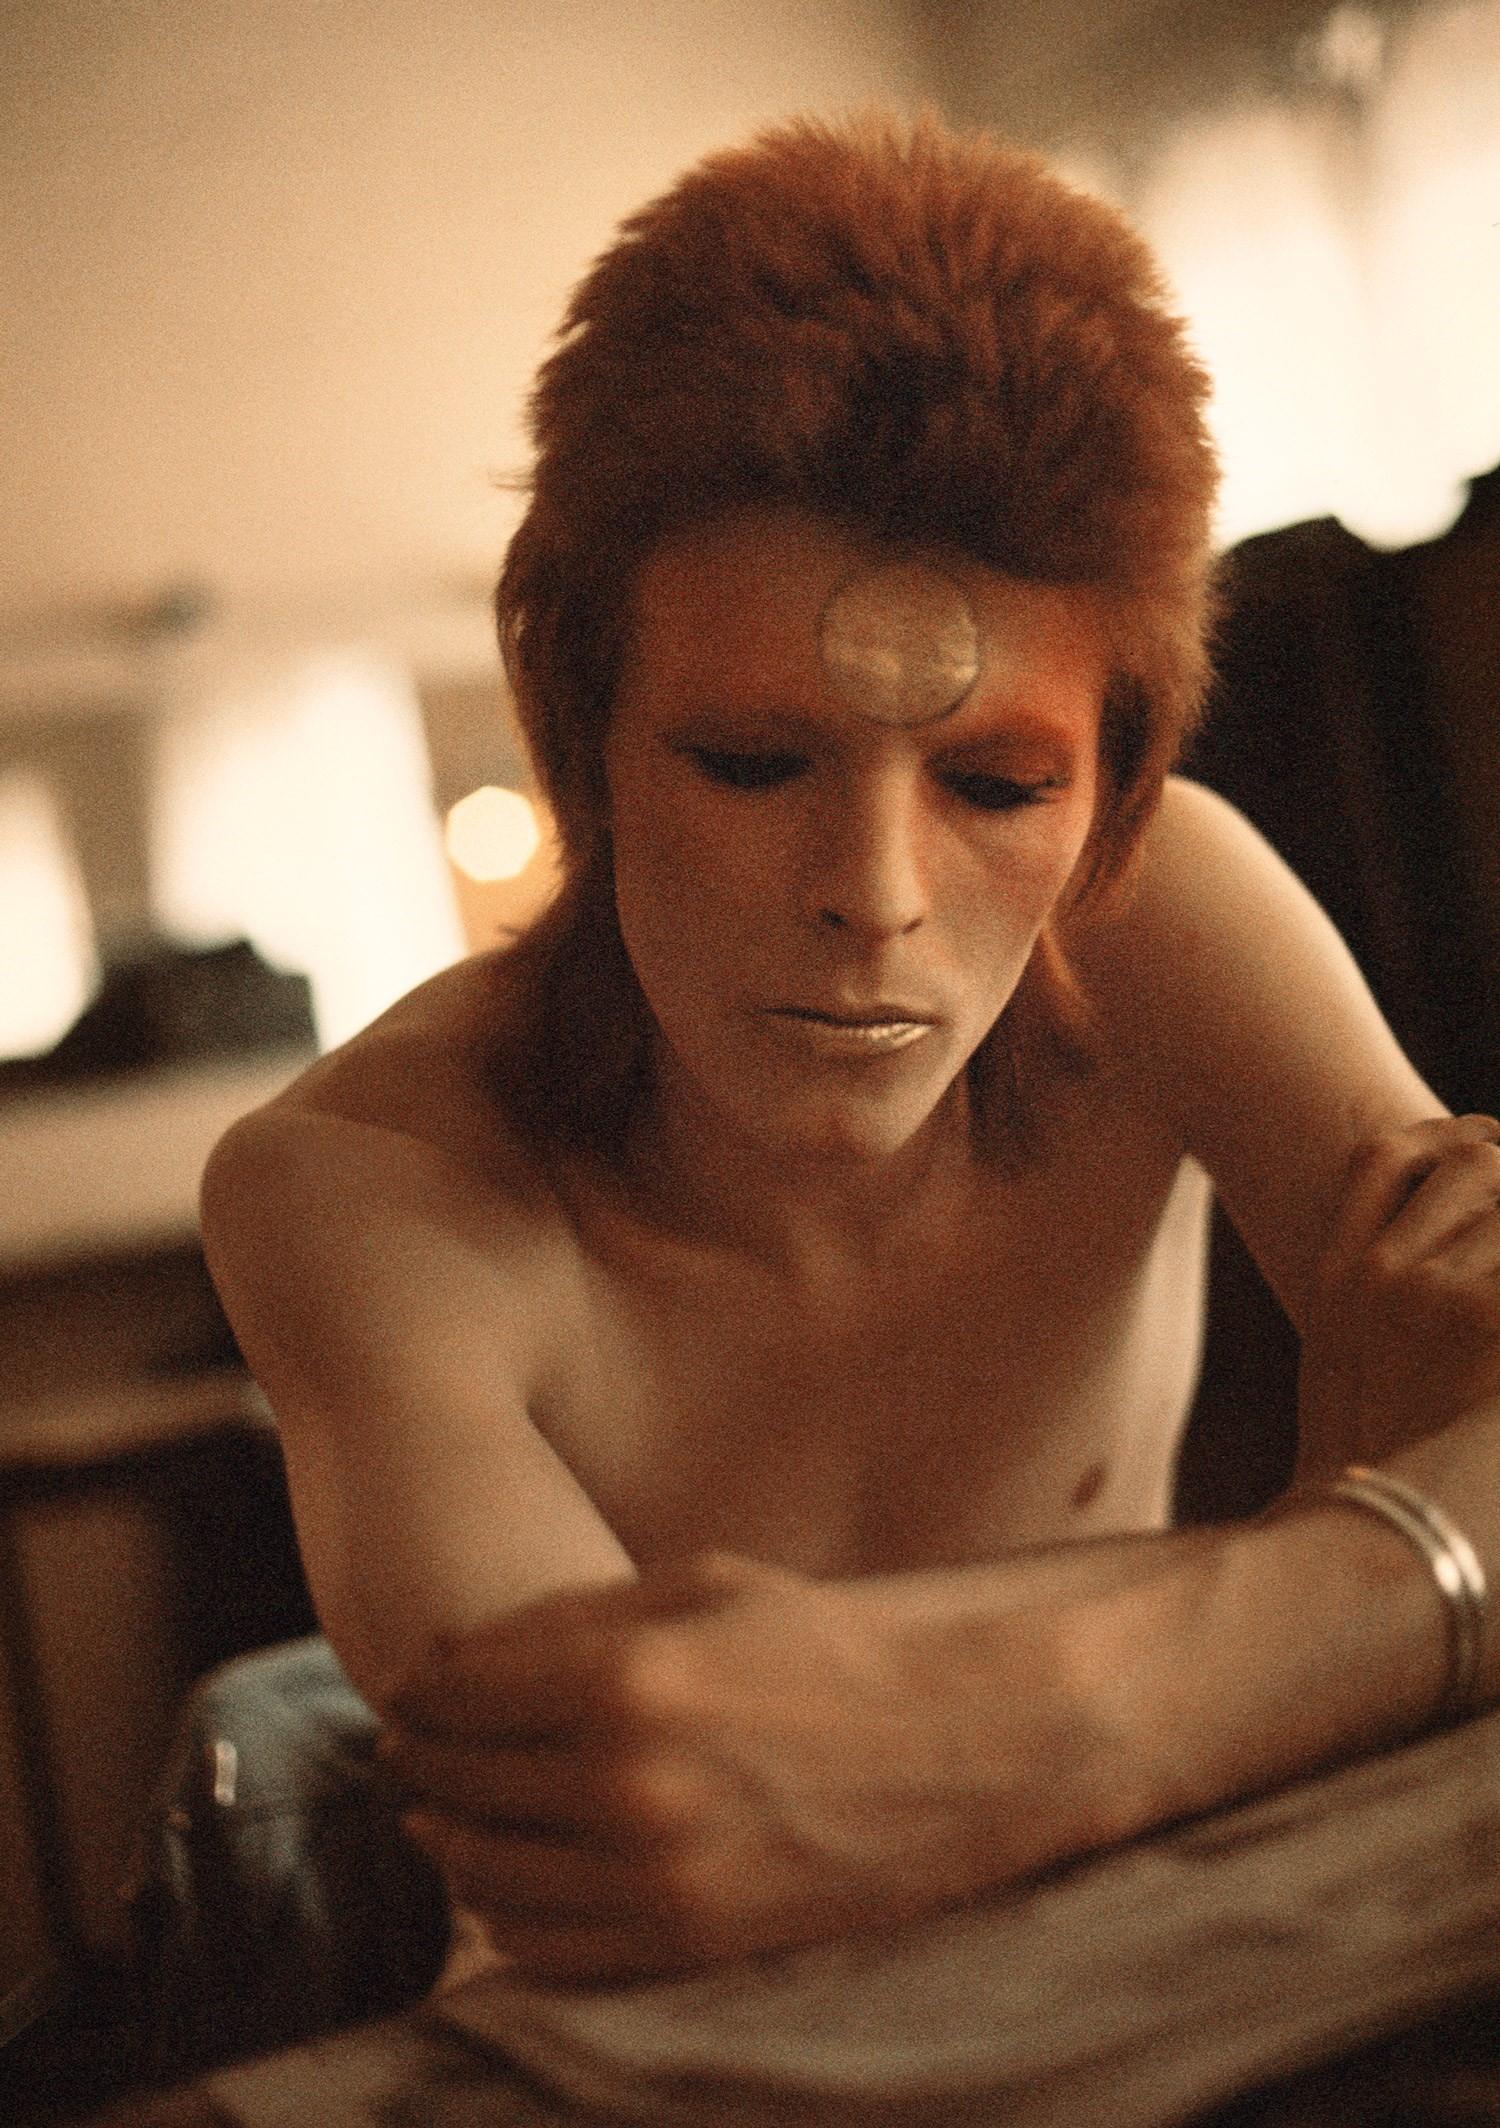 Ντέιβιντ Μπόουι στο Hammersmith Odeon, London, 1973, © Geoff MacCormack